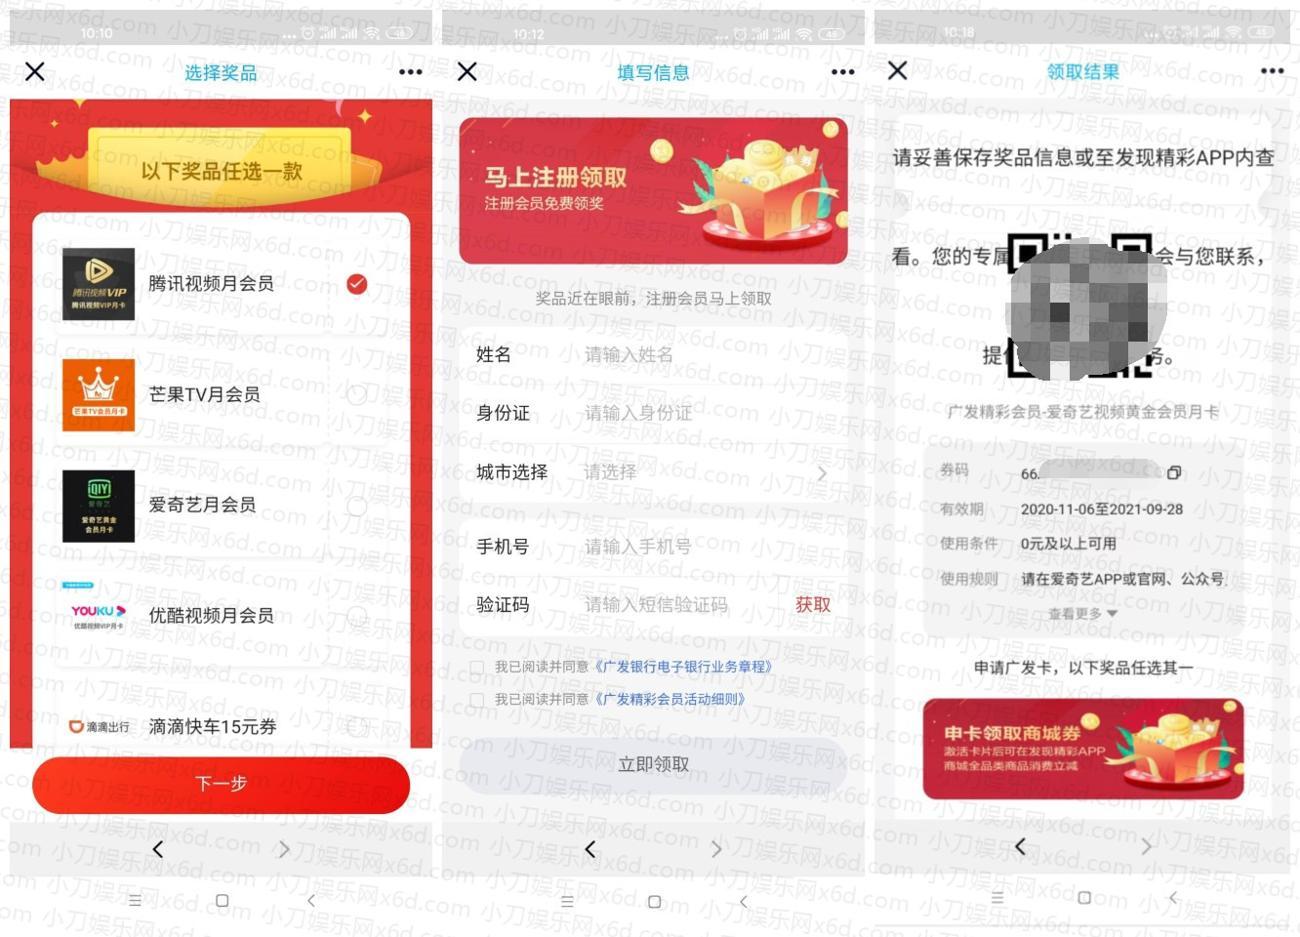 活动线报- 广发精彩领腾讯视频会员1月